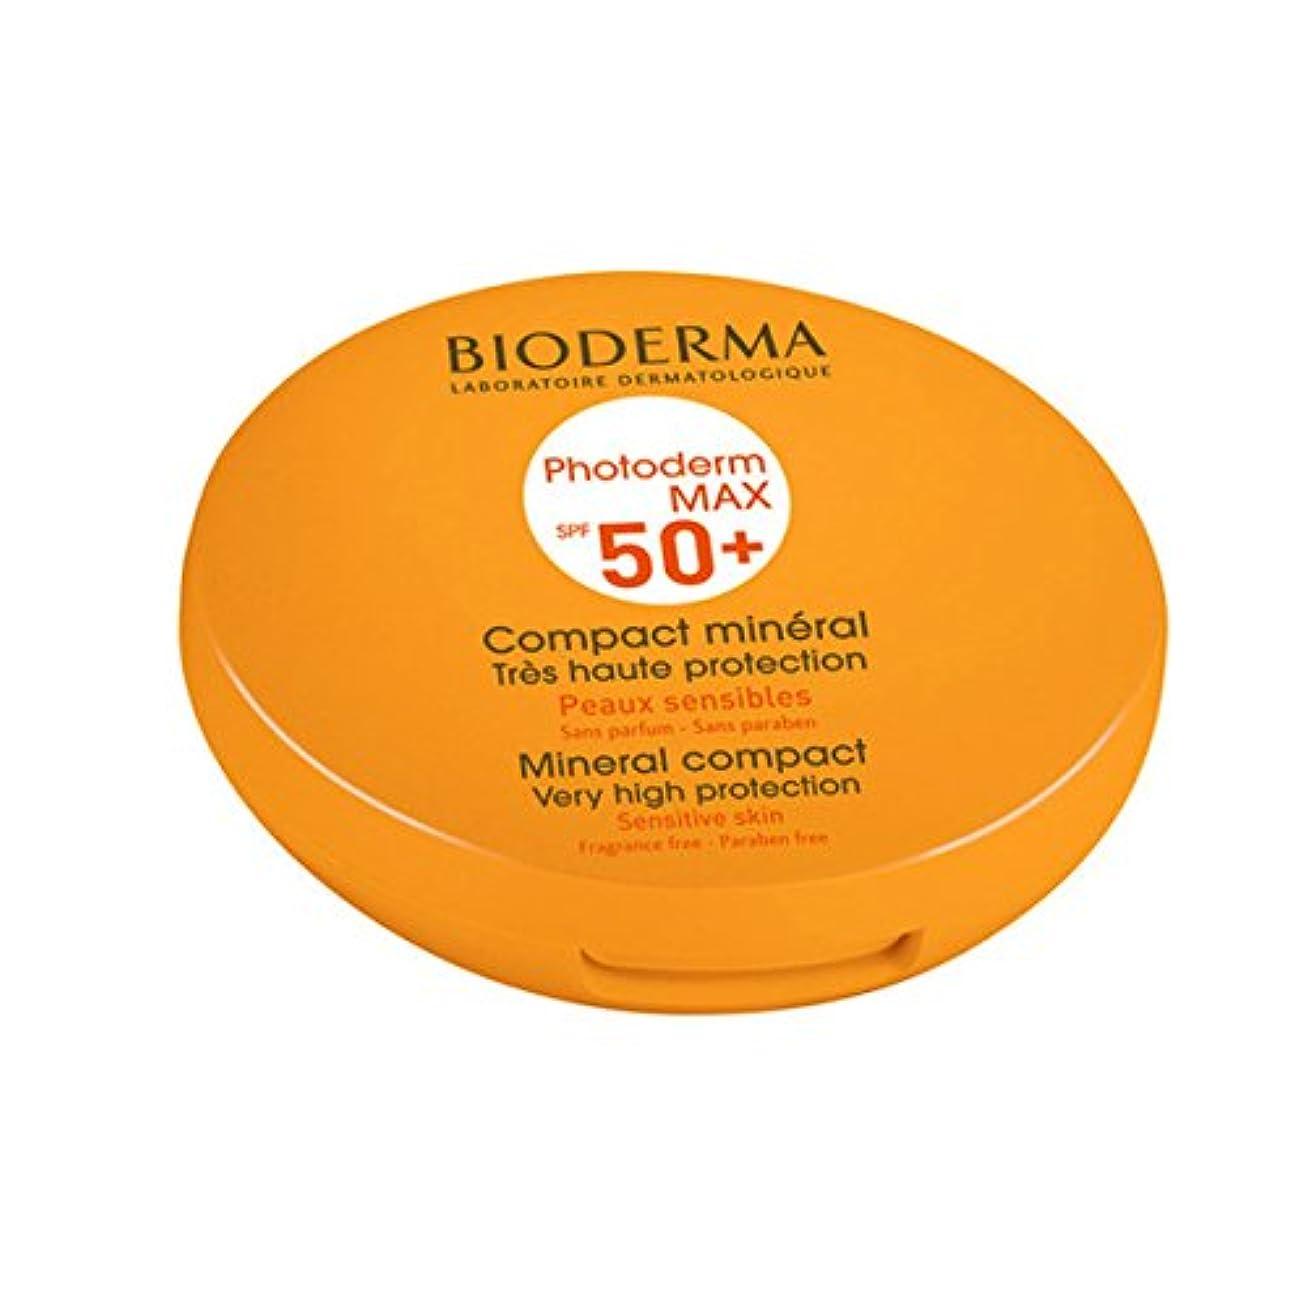 直接細断のホストBioderma Photoderm Max Compact Mineral 50+ Golden 10g [並行輸入品]